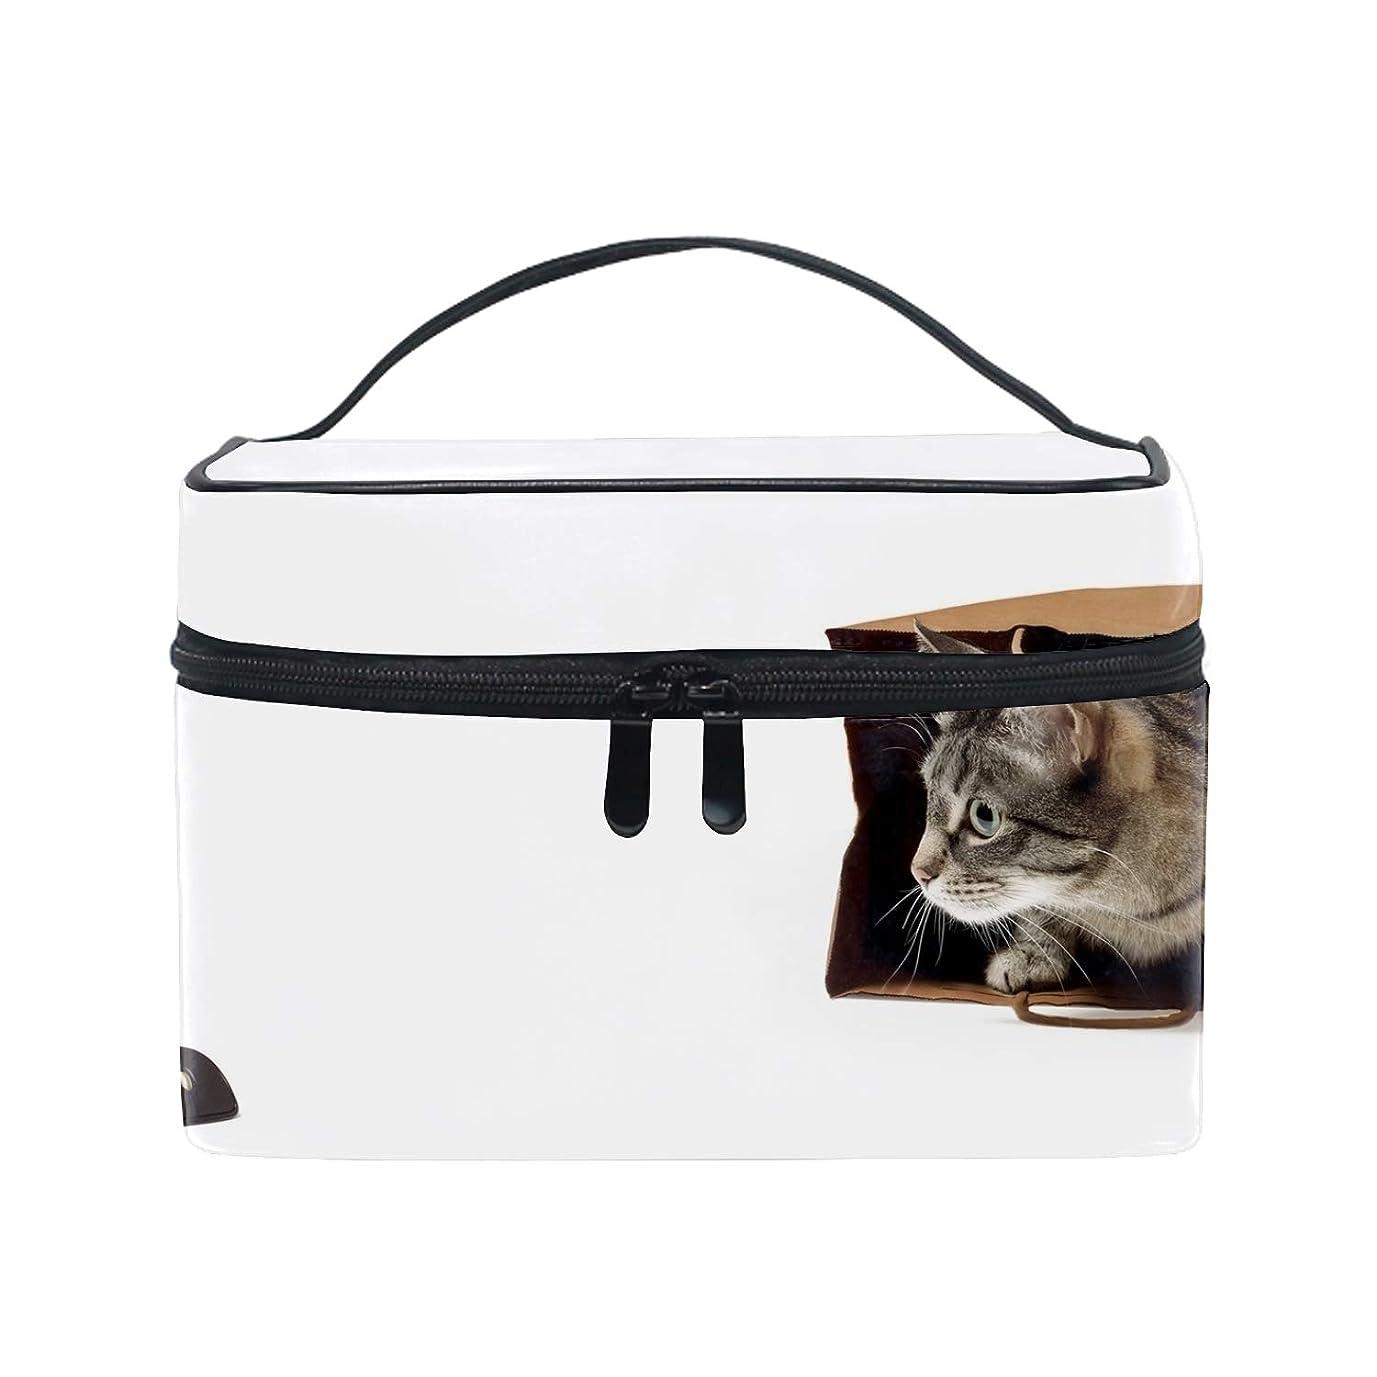 溶融遊具ピグマリオンAnimals Cat Pet Bag Computer Mice Humorメイクボックス コスメ収納 トラベルバッグ 化粧 バッグ 高品質